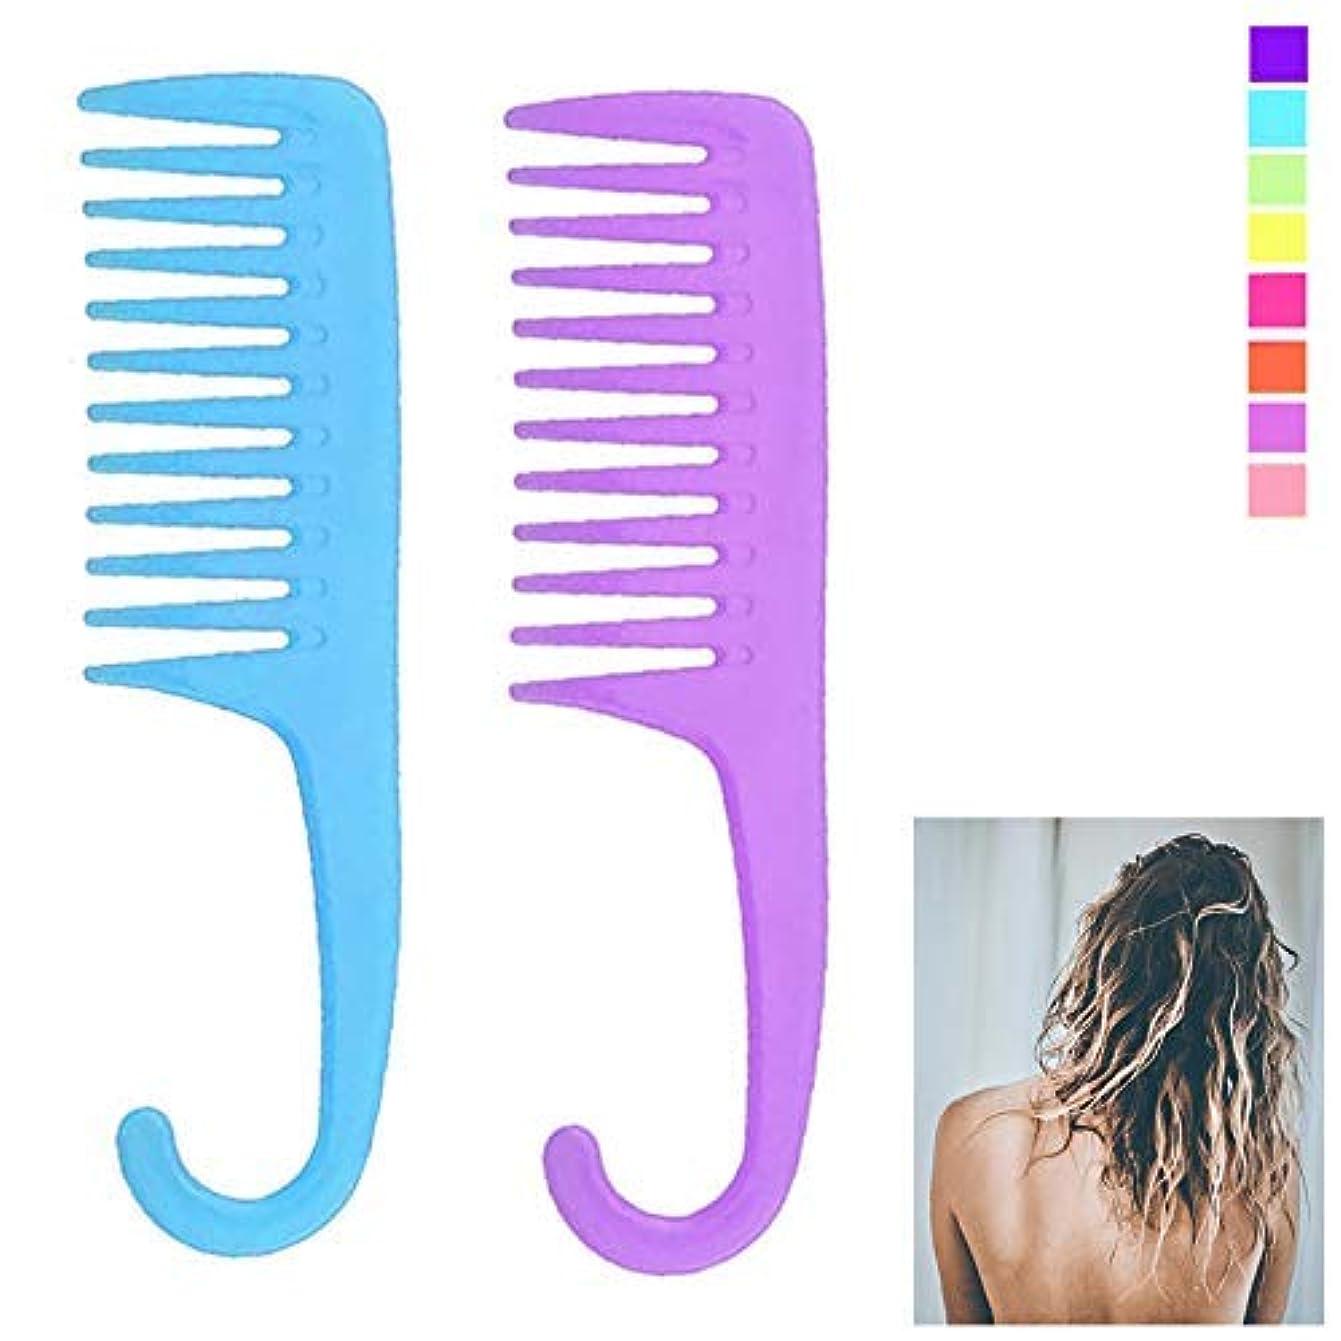 最愛のウール少なくとも2 Shower Combs Hair Wide Tooth Dry Wet Gently Detangles Thick Long Durable Salon [並行輸入品]